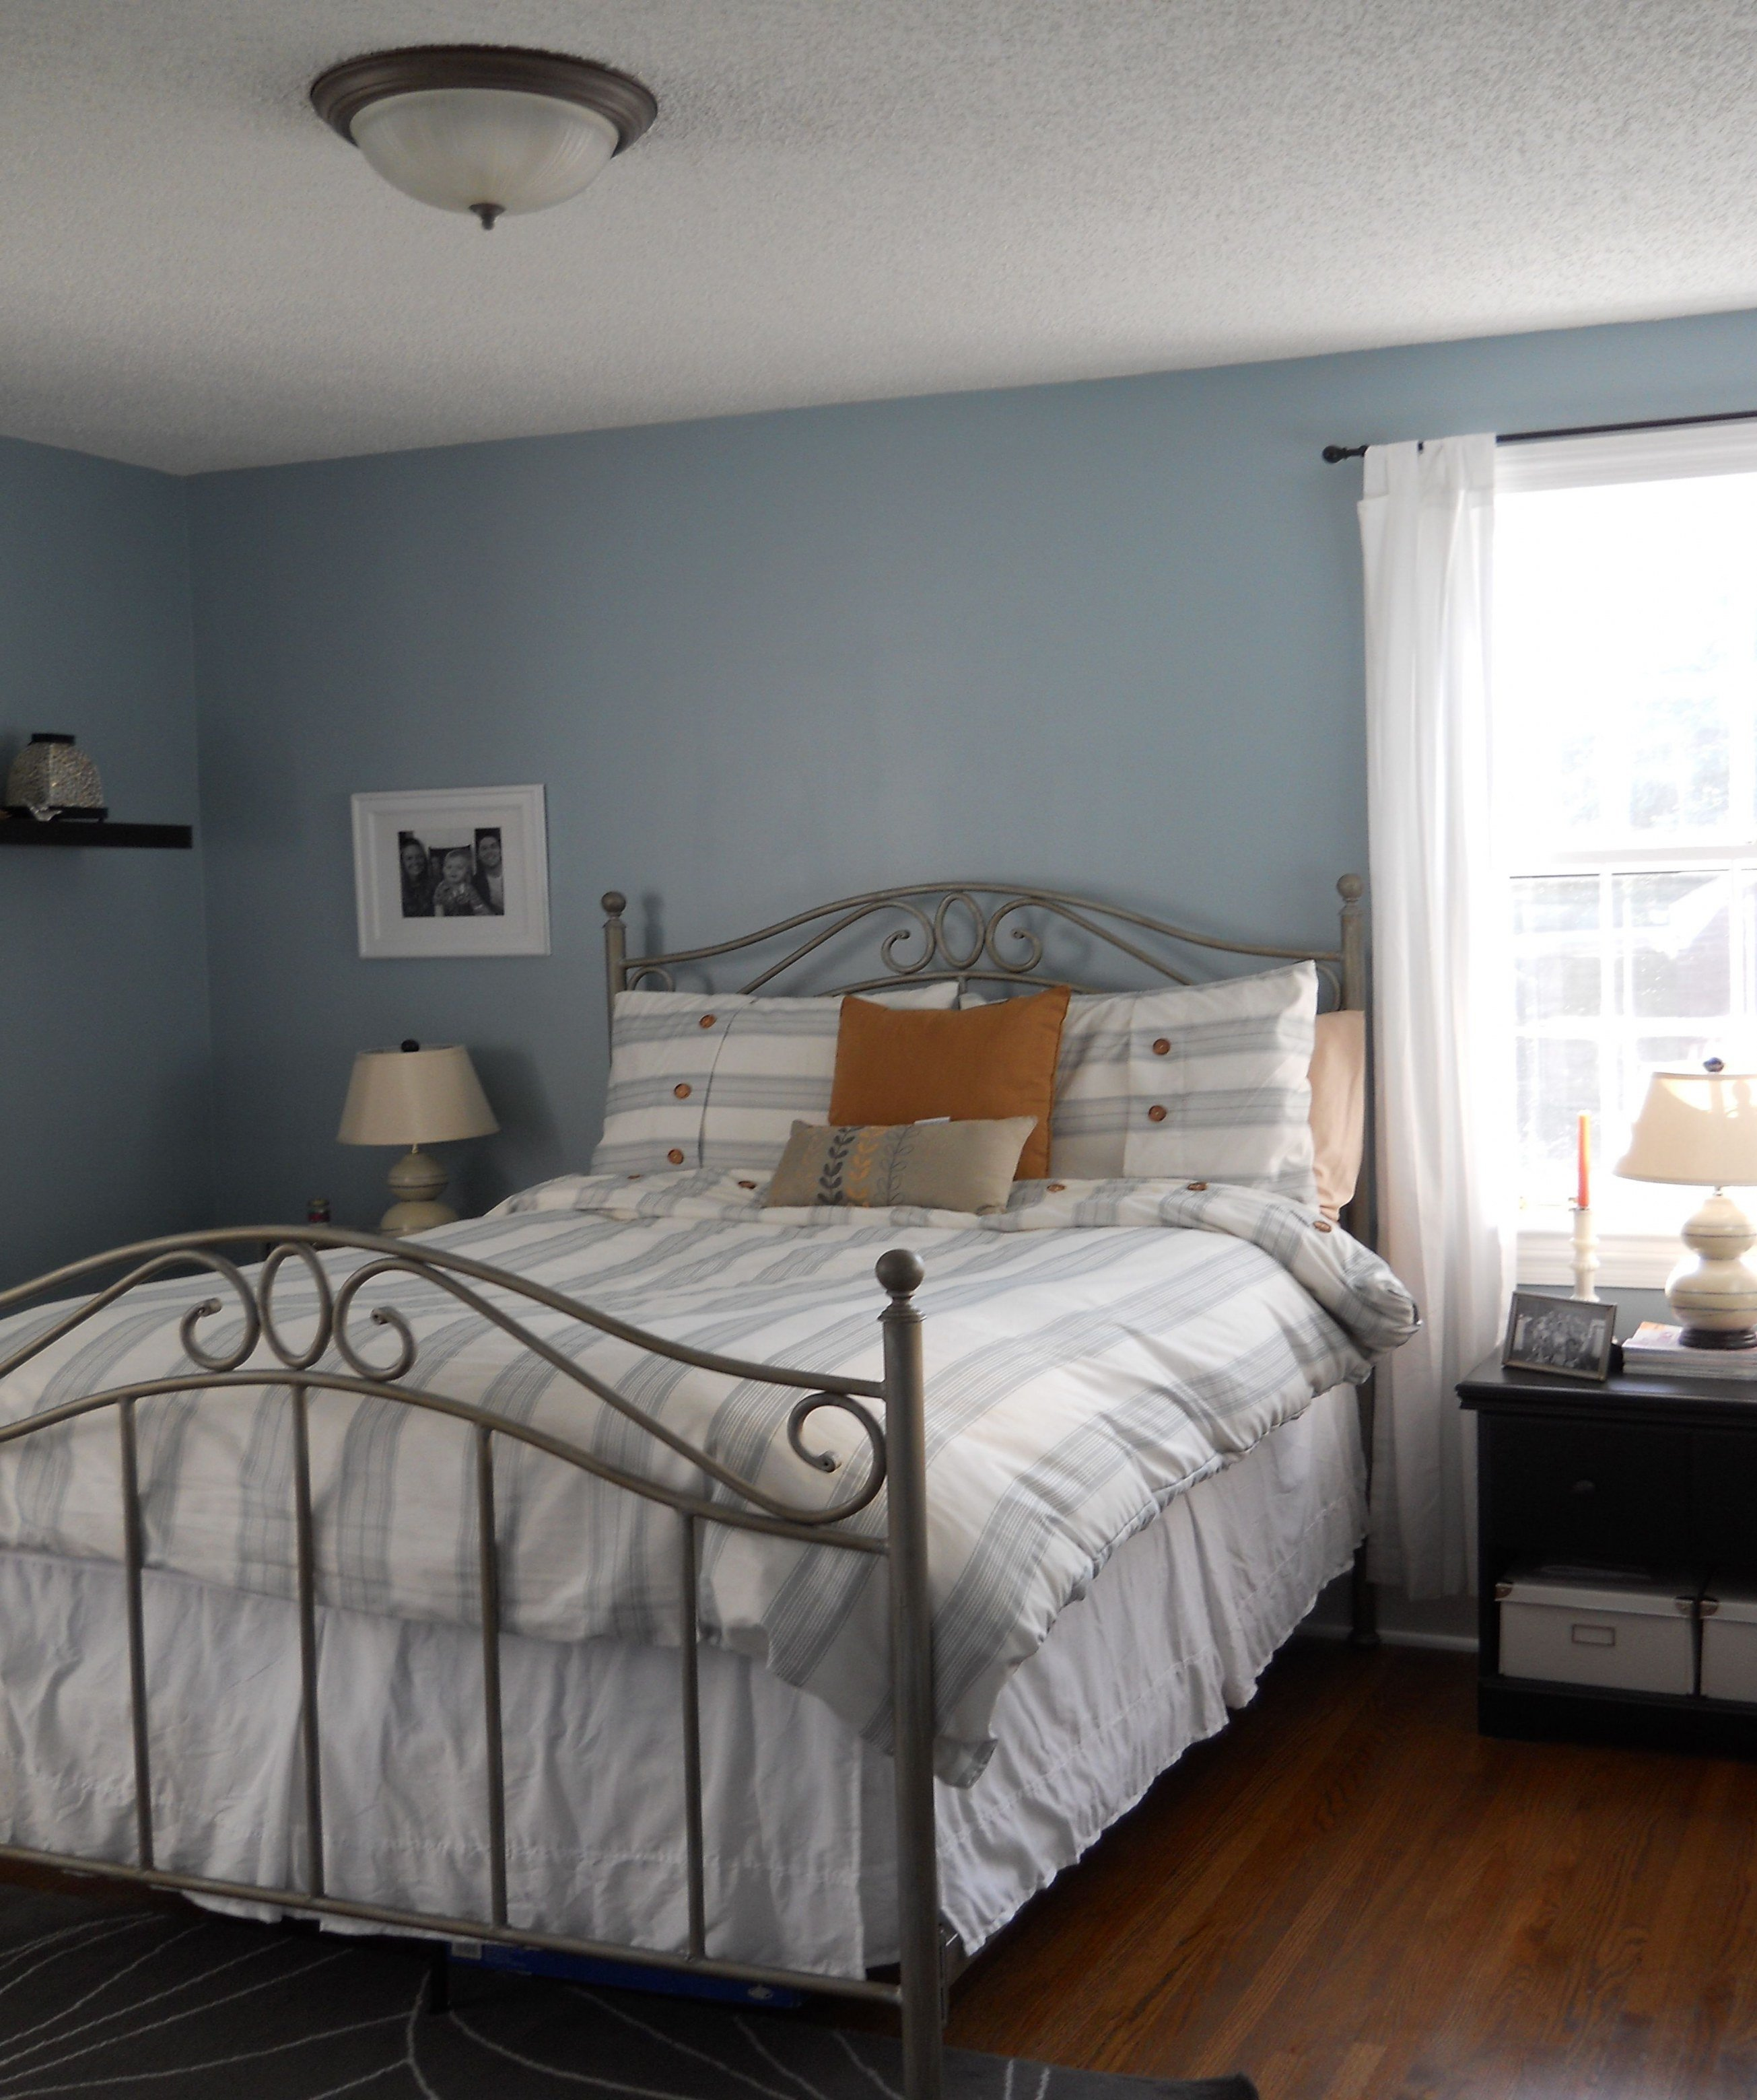 Red and Blue Bedroom Lovely Blue Bedroom Walls Slate Blue Bedroom Walls Home Design